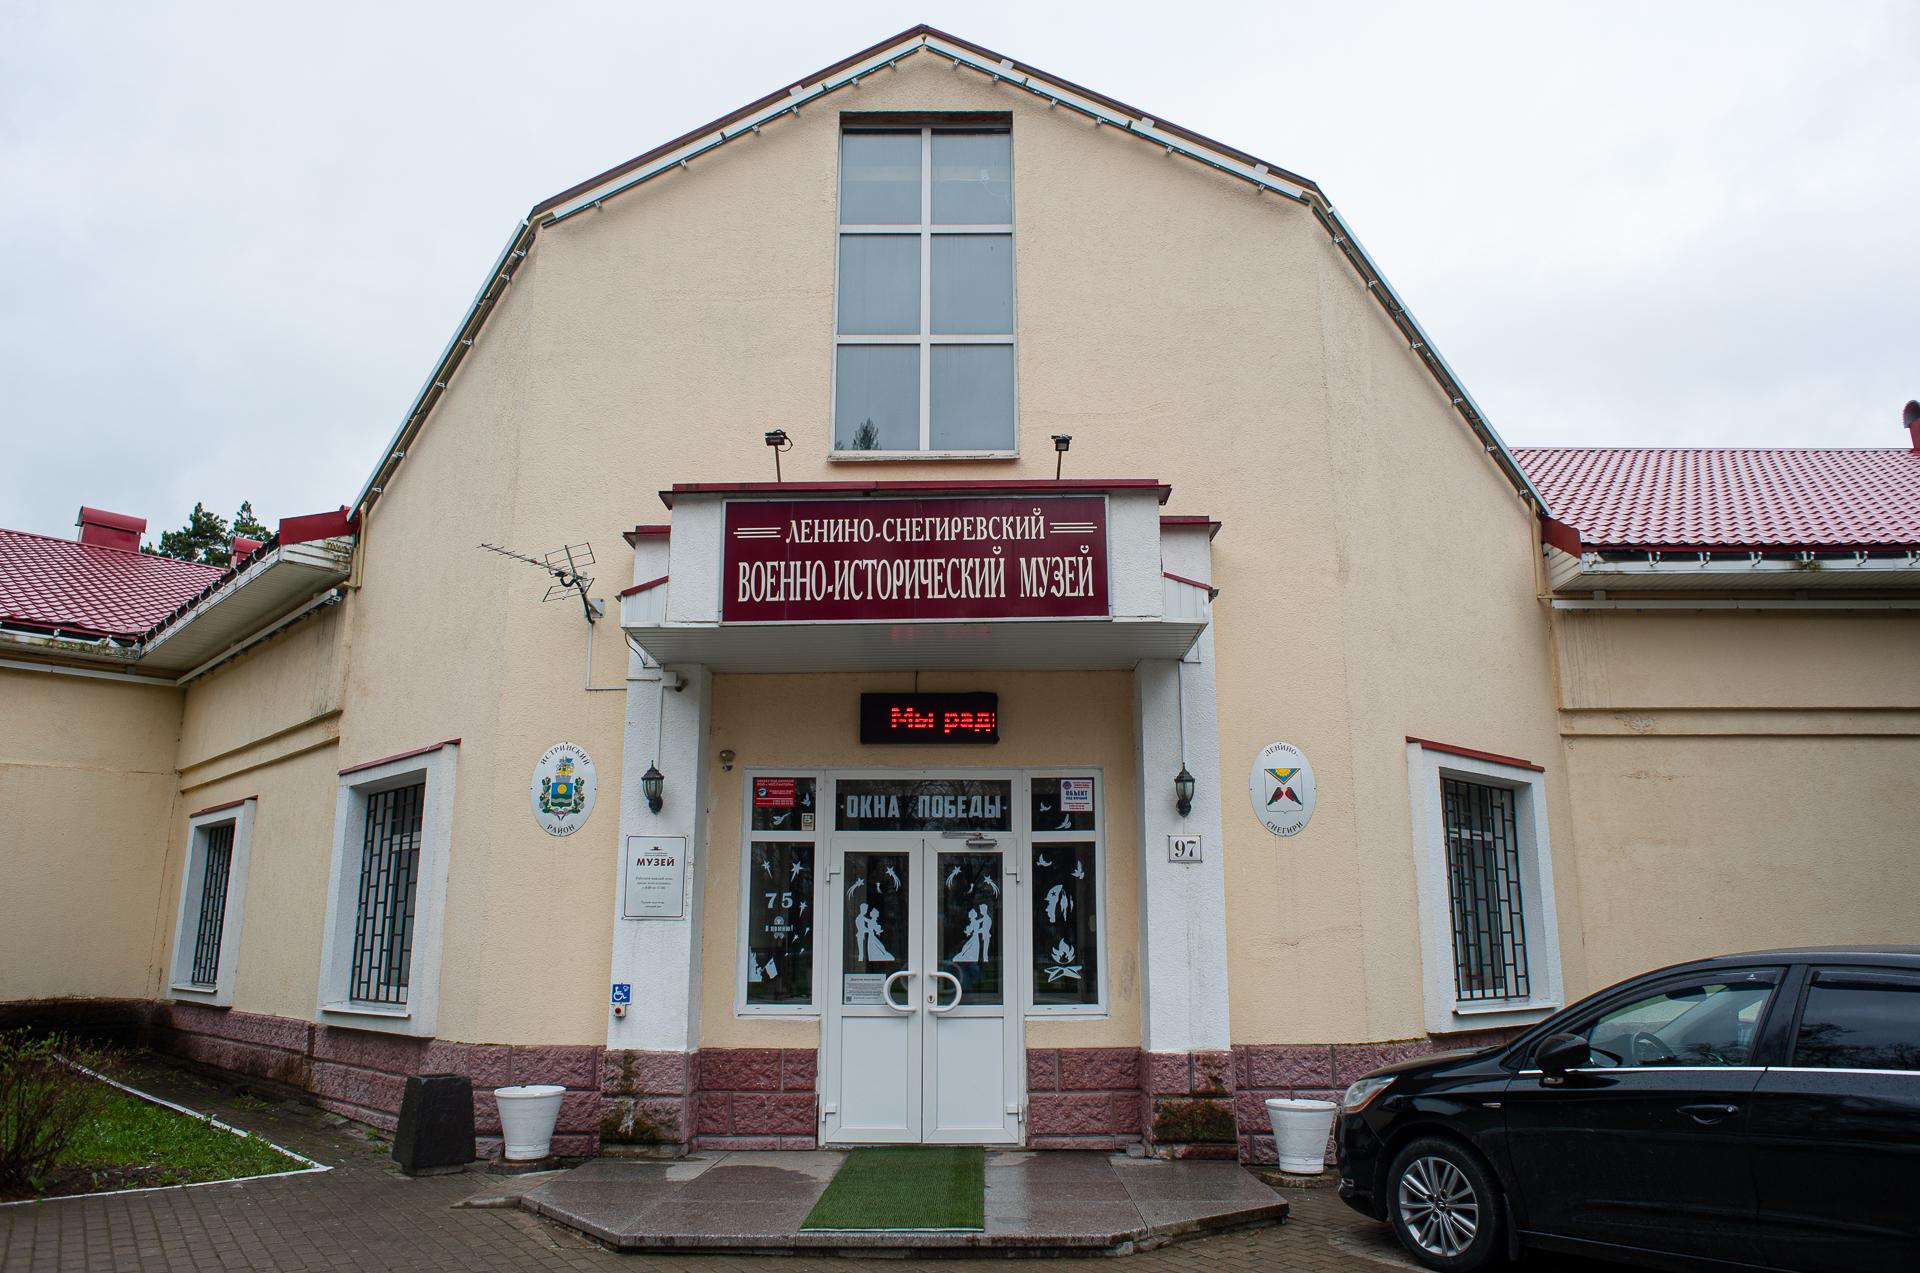 Снегири, Рубеж Славы, Военно-Исторический музей